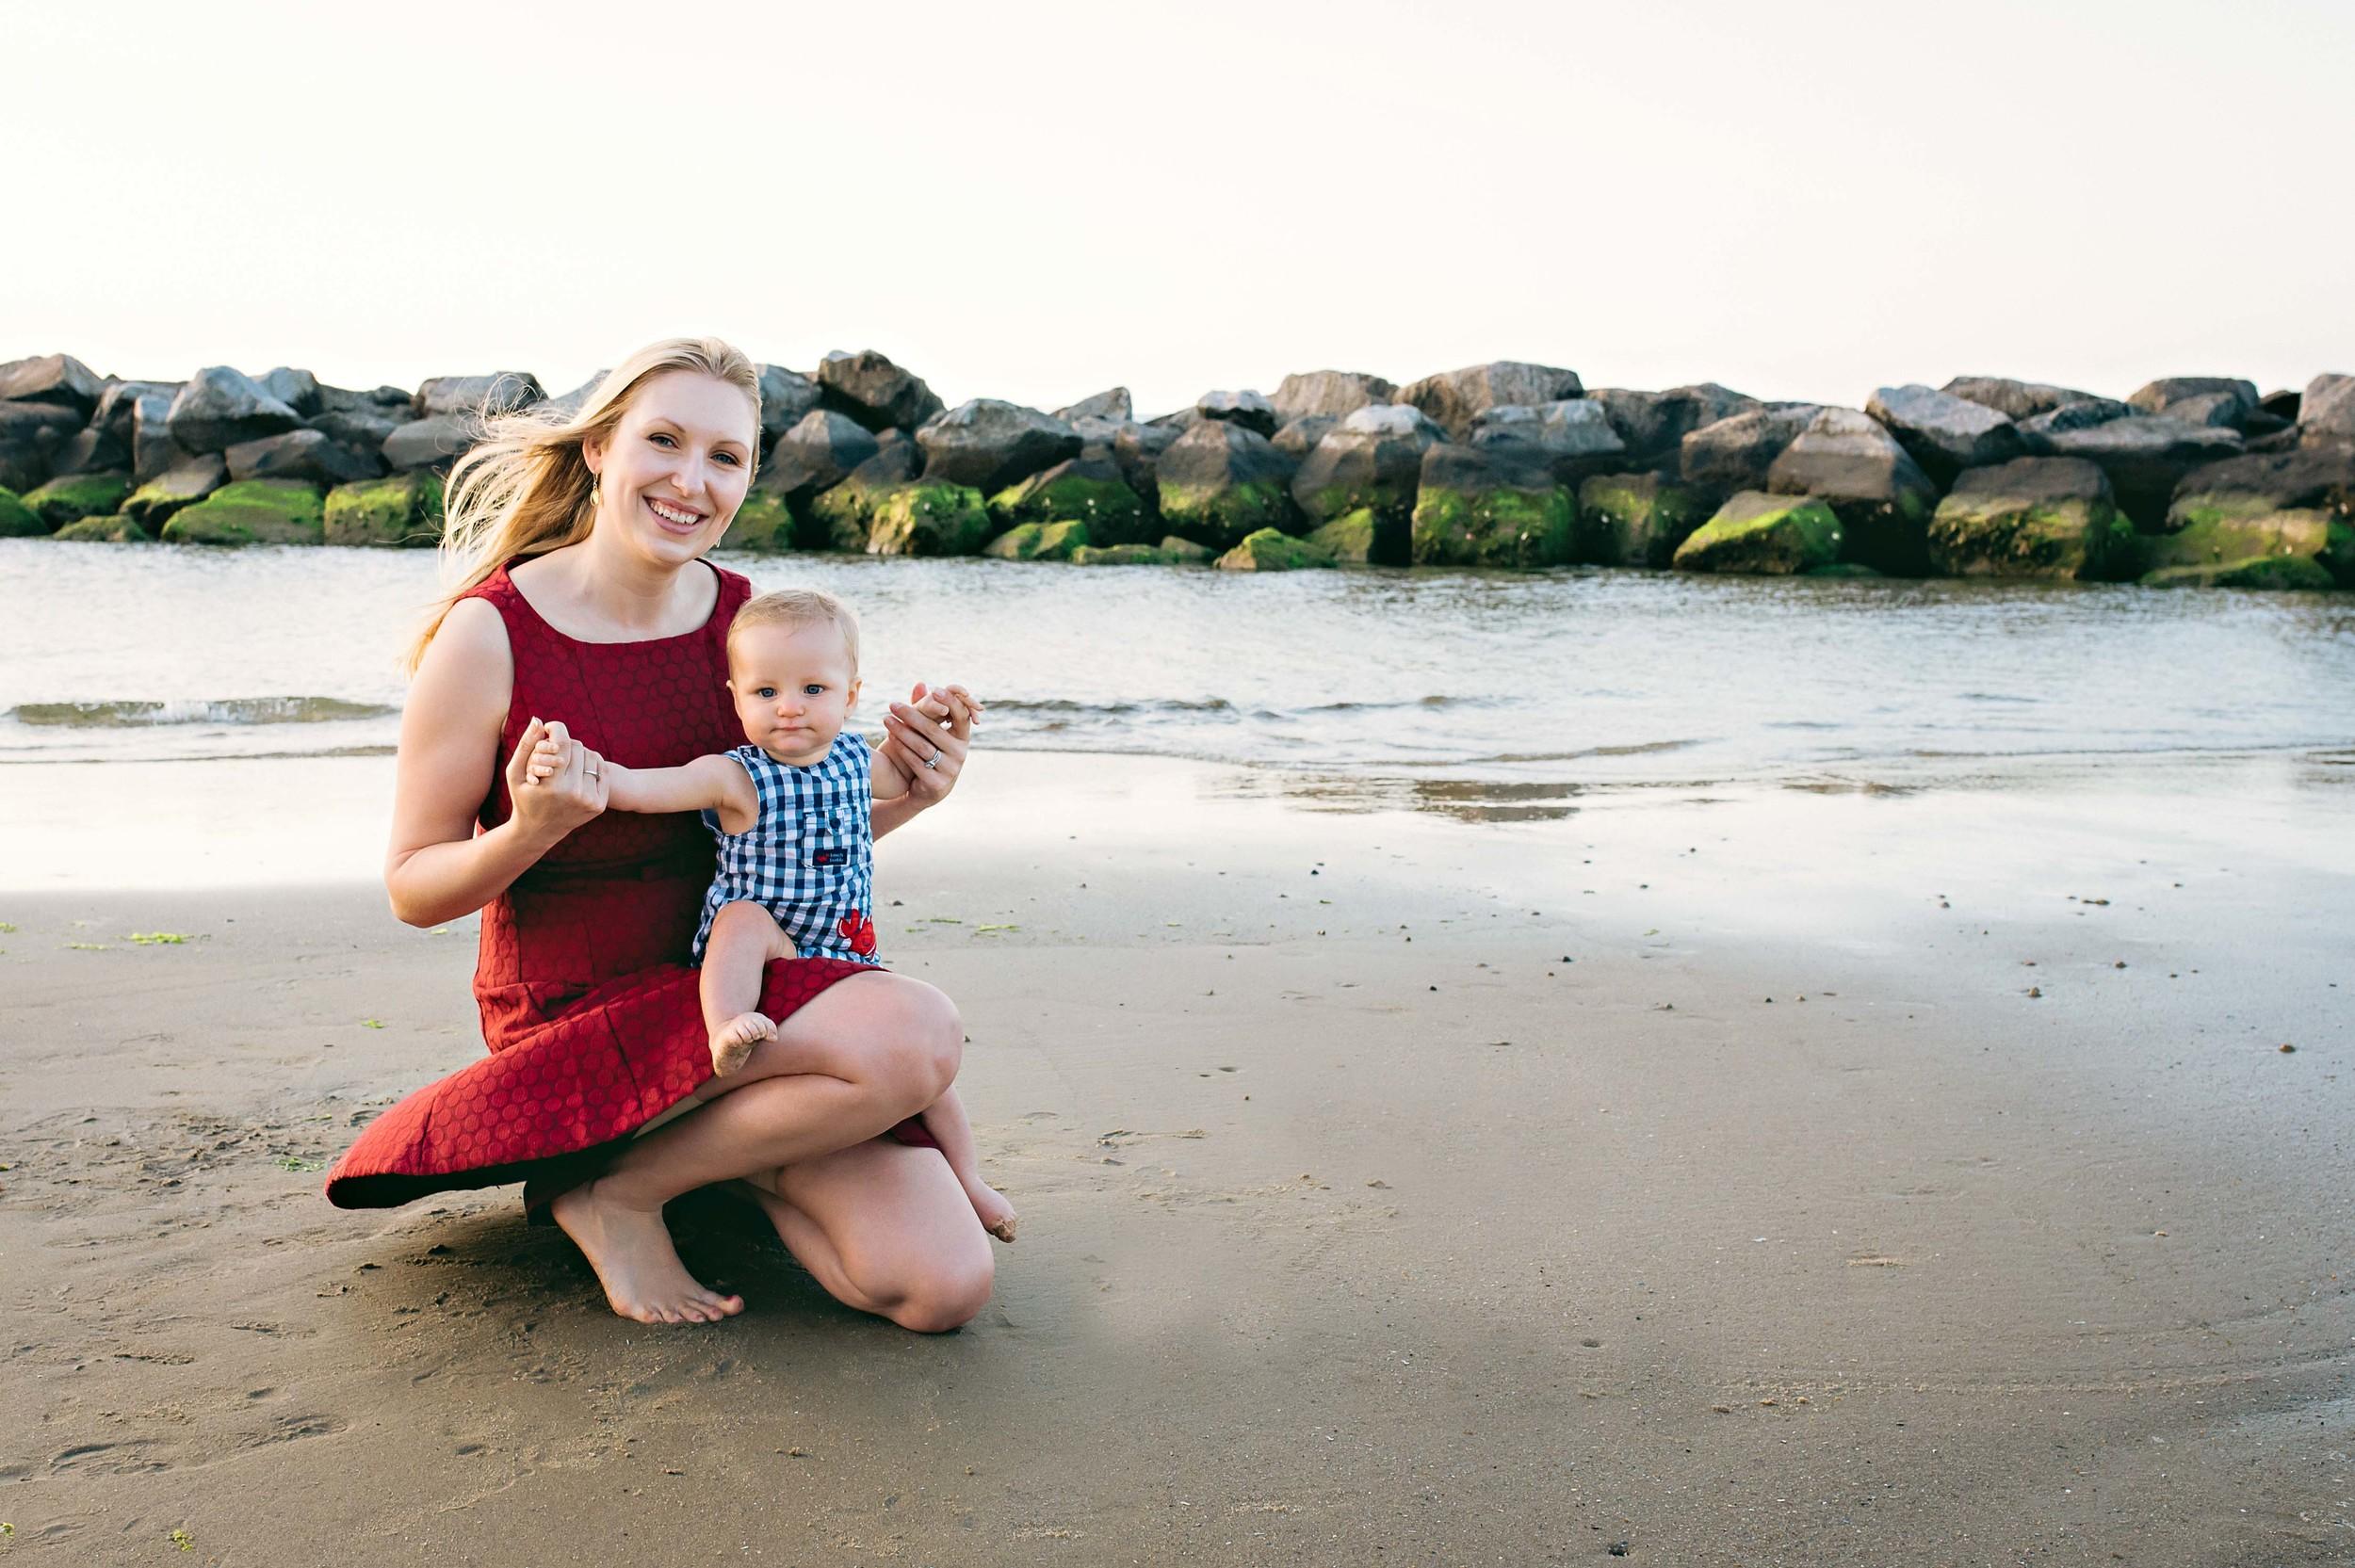 virginia-beach-family-photographer-sandbridge-beach-photographer-melissa-bliss-photography-norfolk-family-photos